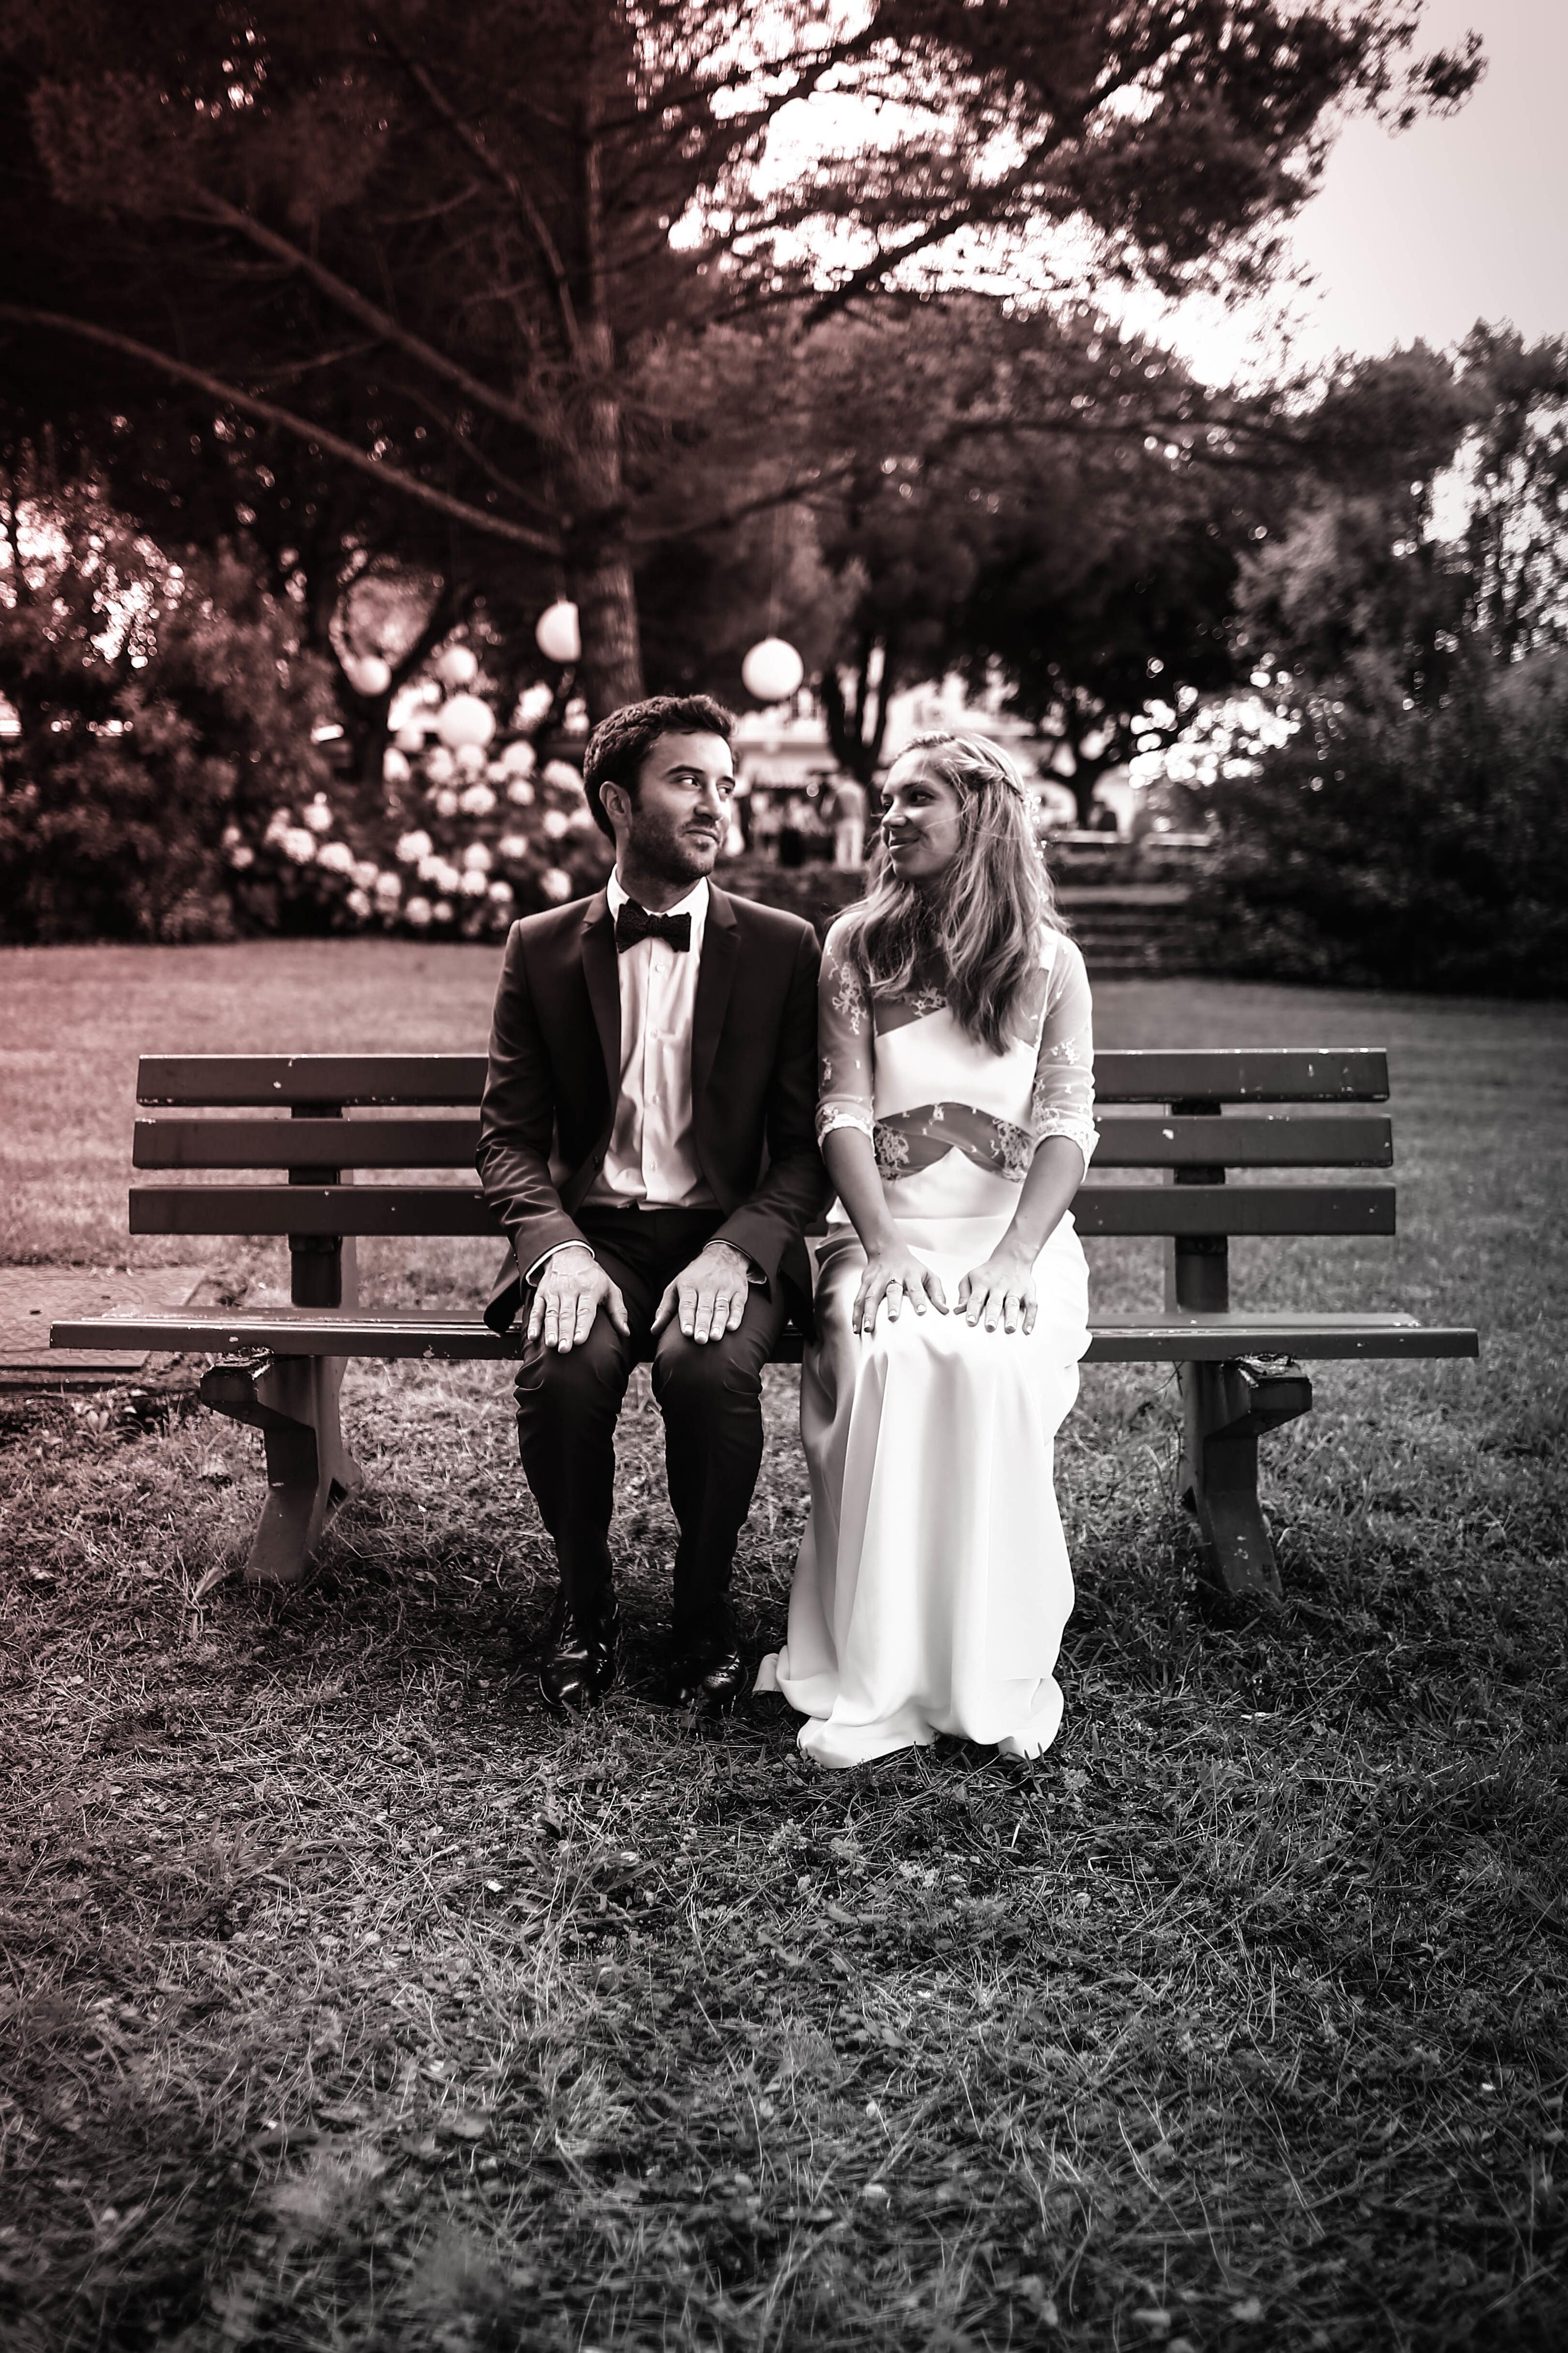 Le mariage de Sarah au Pays Basque (20)